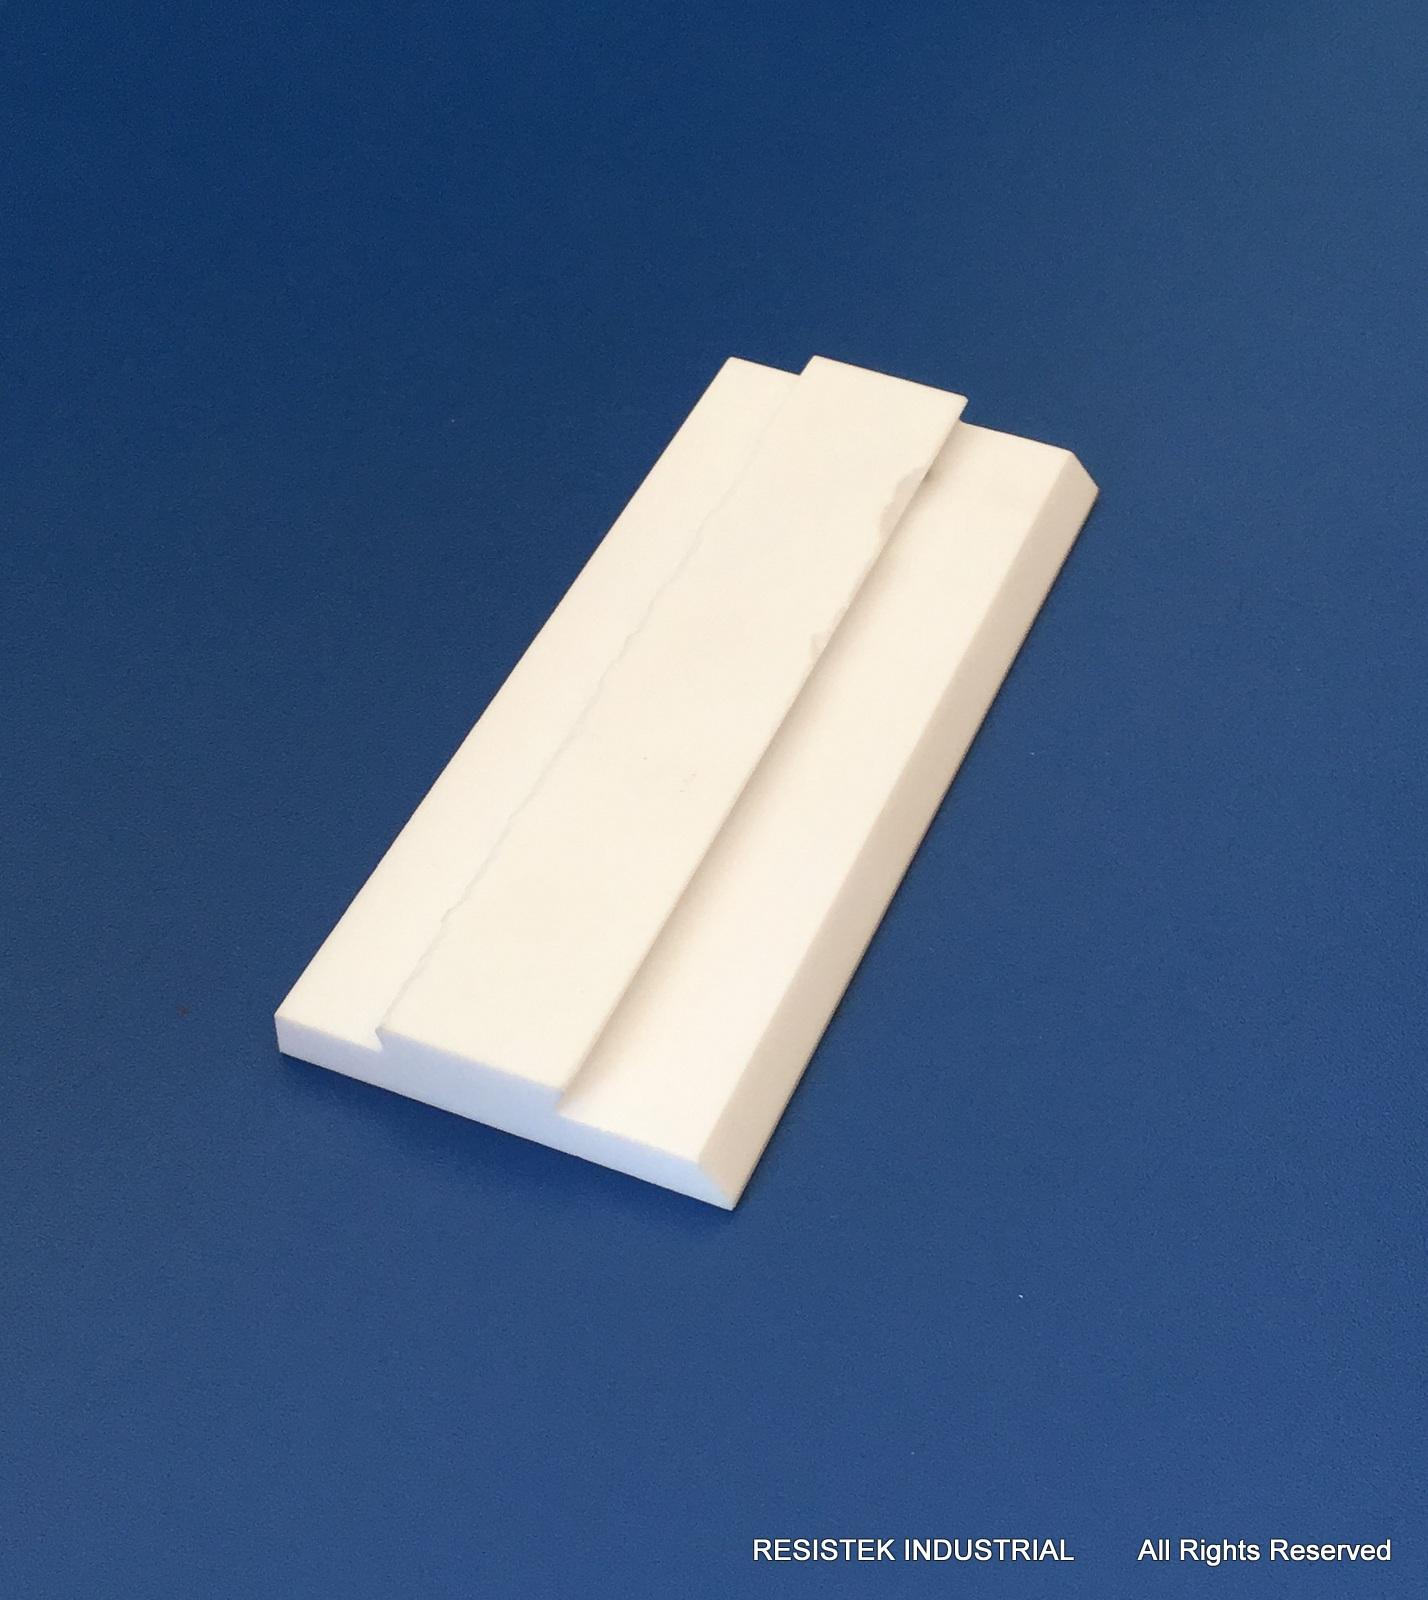 95% Alumina Ceramic Segment